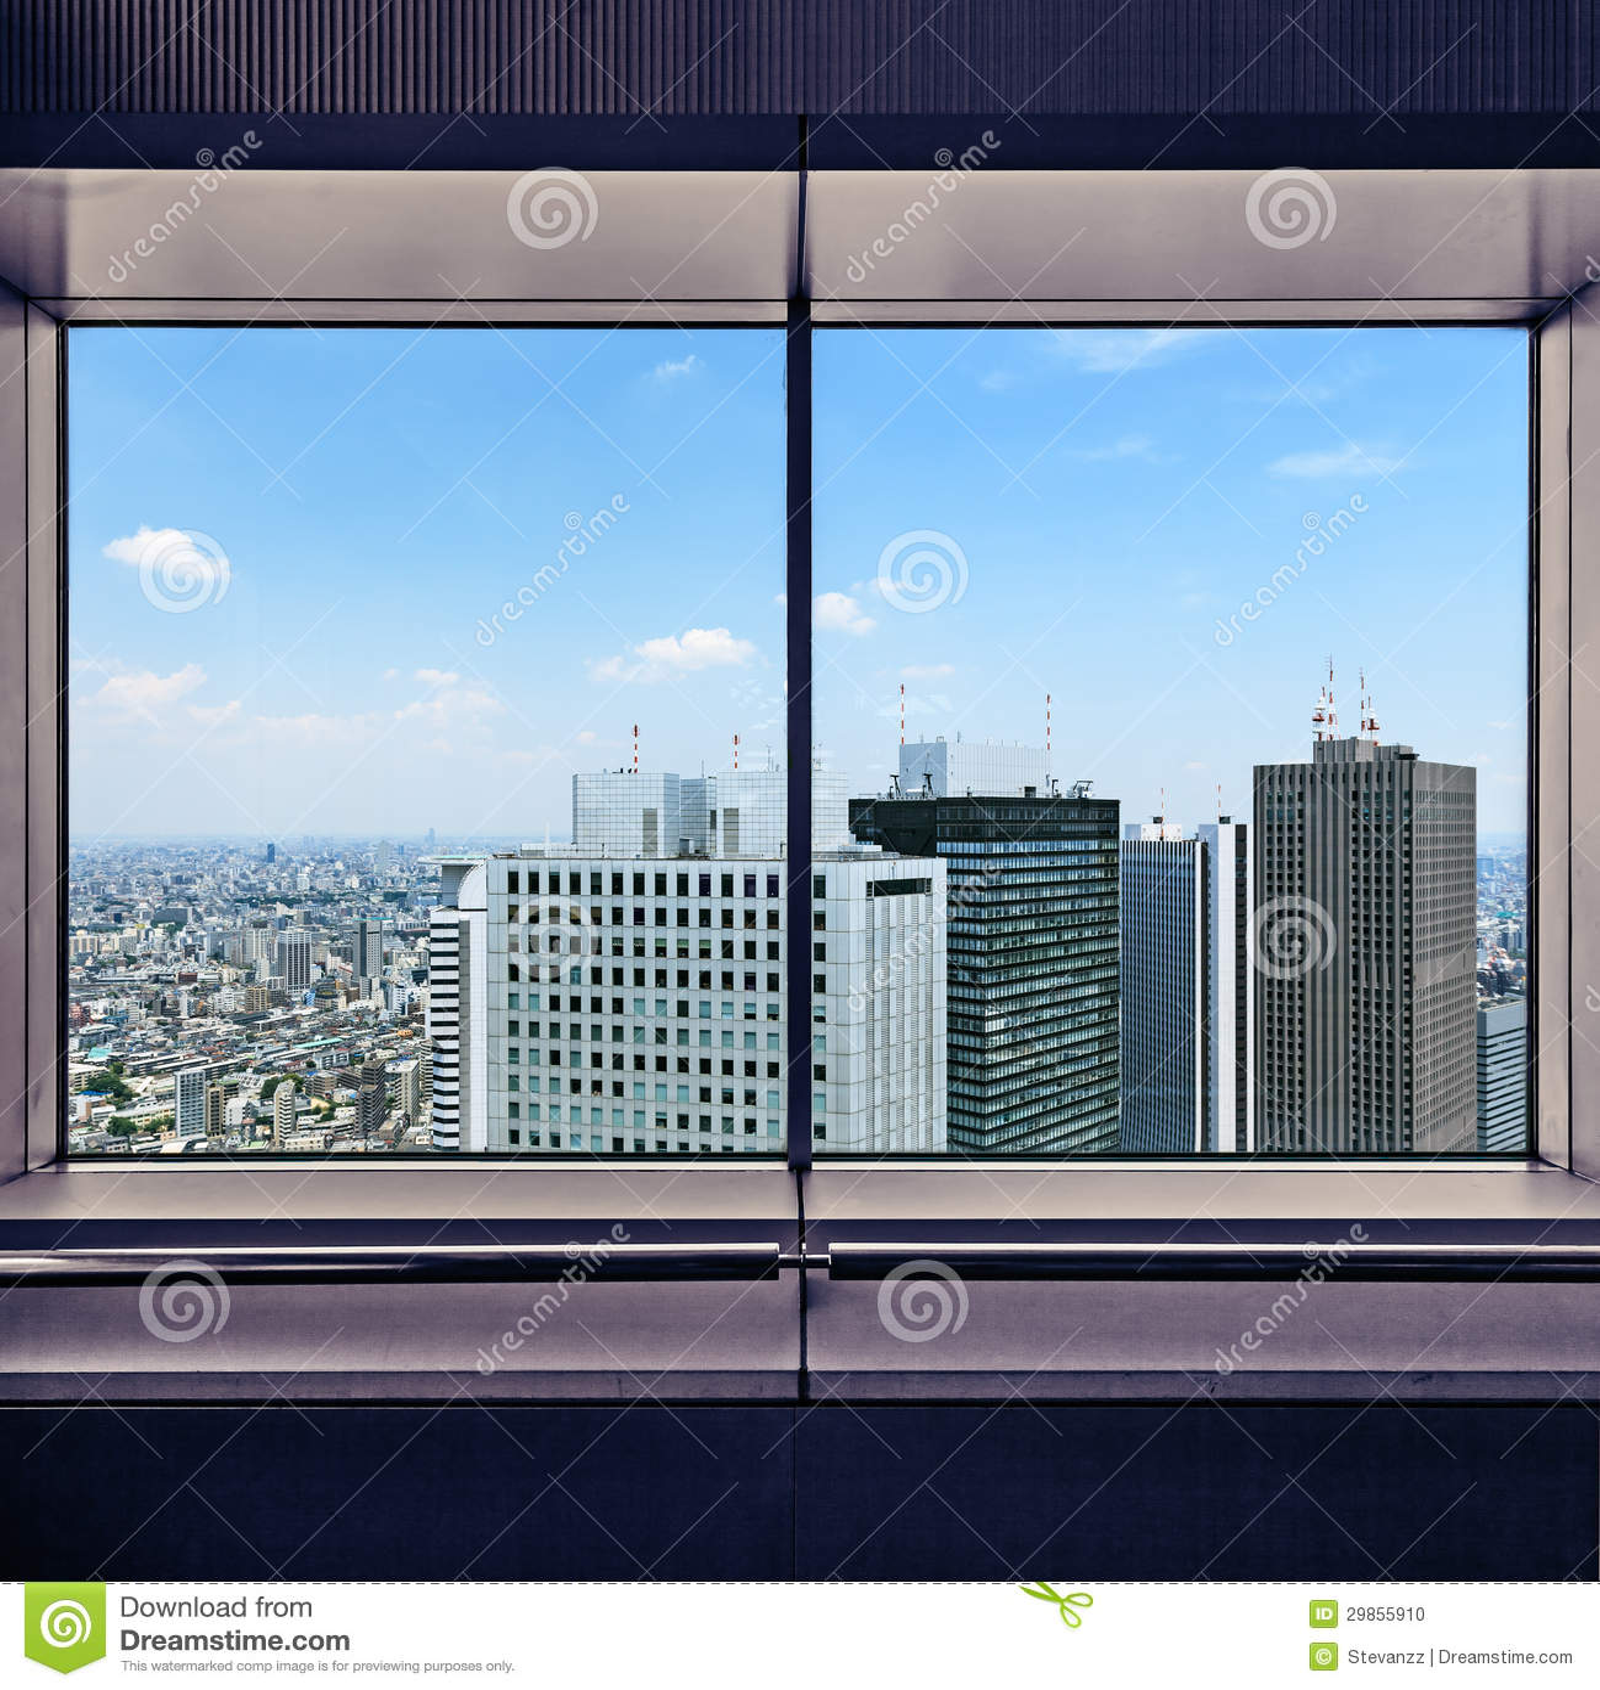 Lucht mening van wolkenkrabbers Shinjuku door een raamkozijn. Tokyo, Japan.